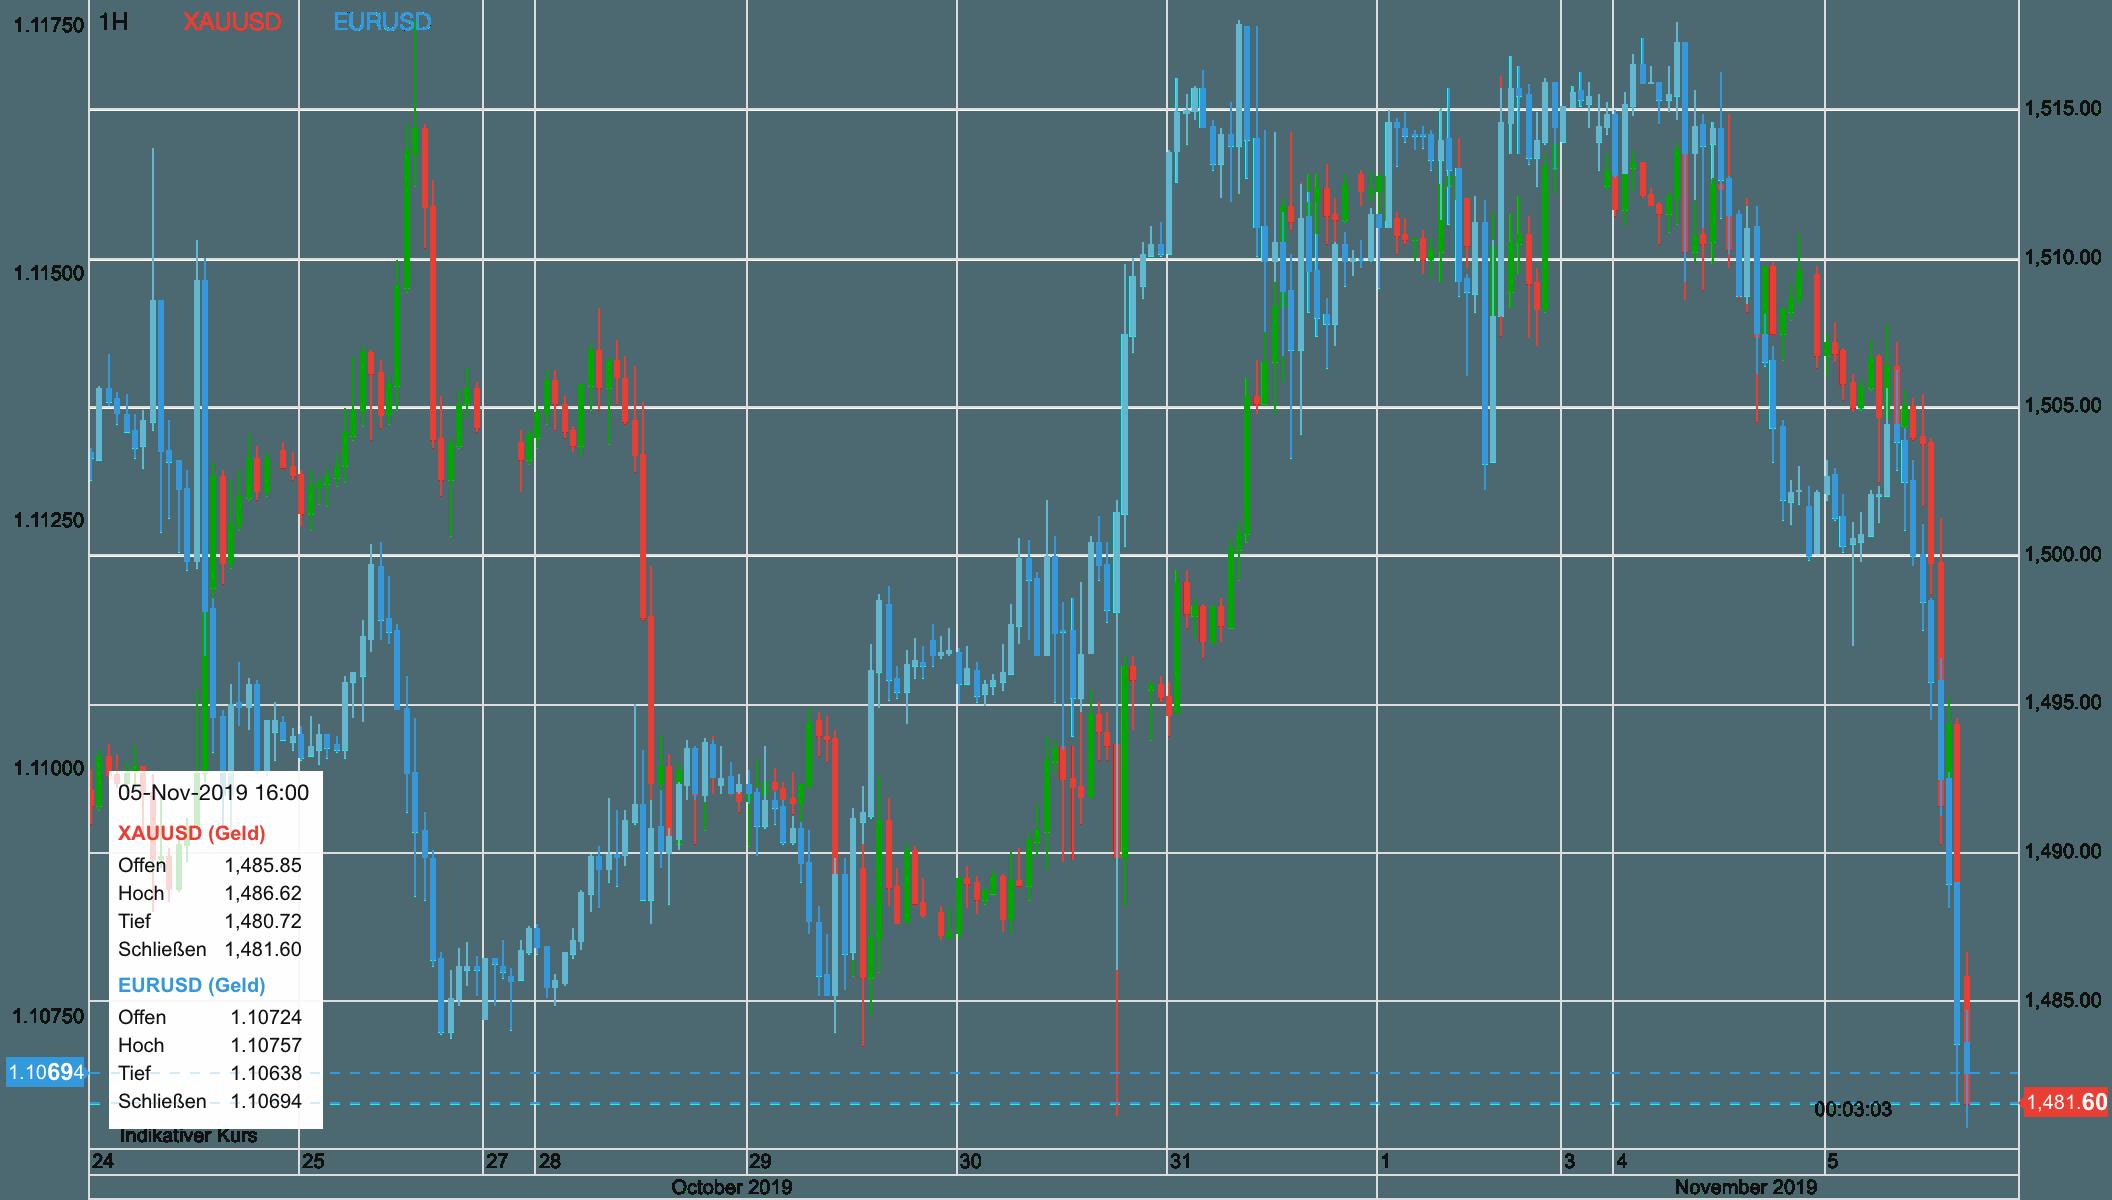 Euro und Goldpreis seit dem 24. Oktober